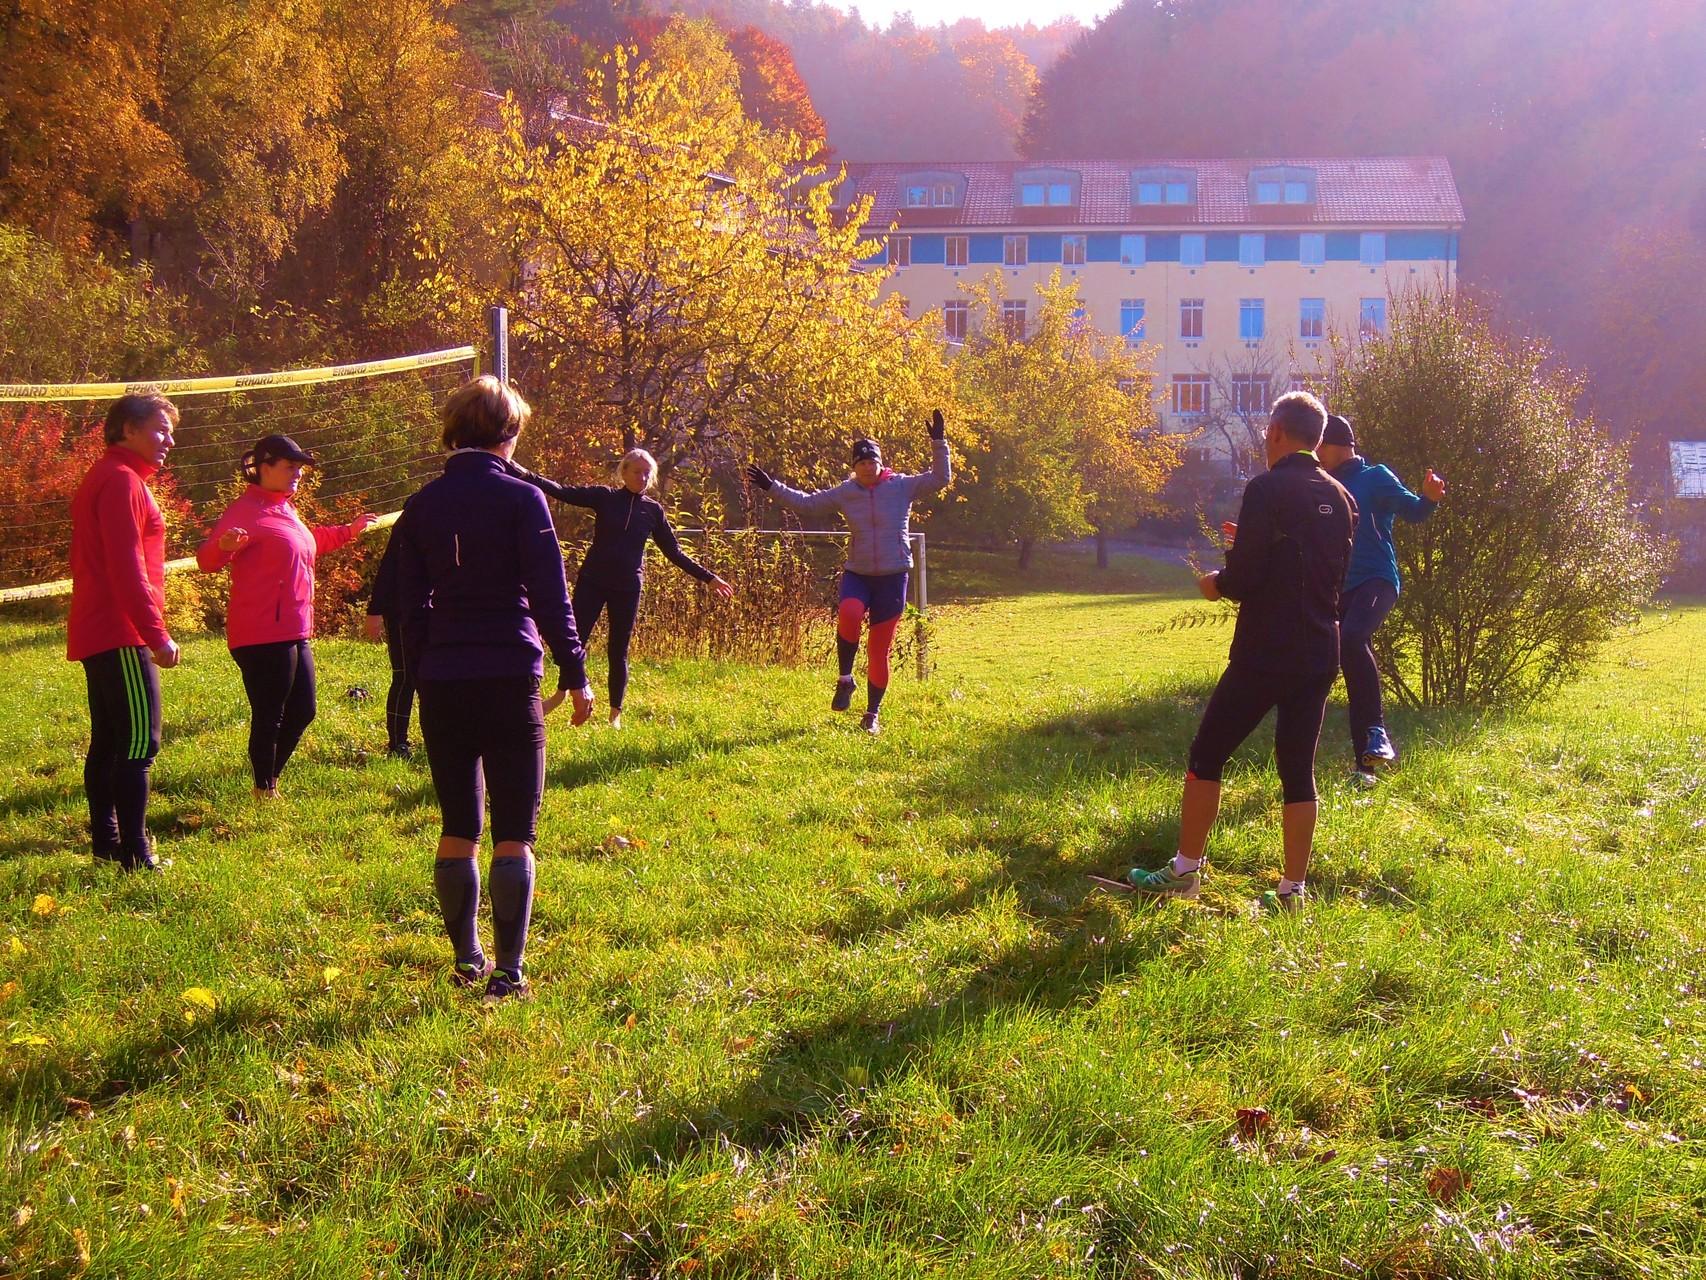 Koordinations- und Ballanceübungen